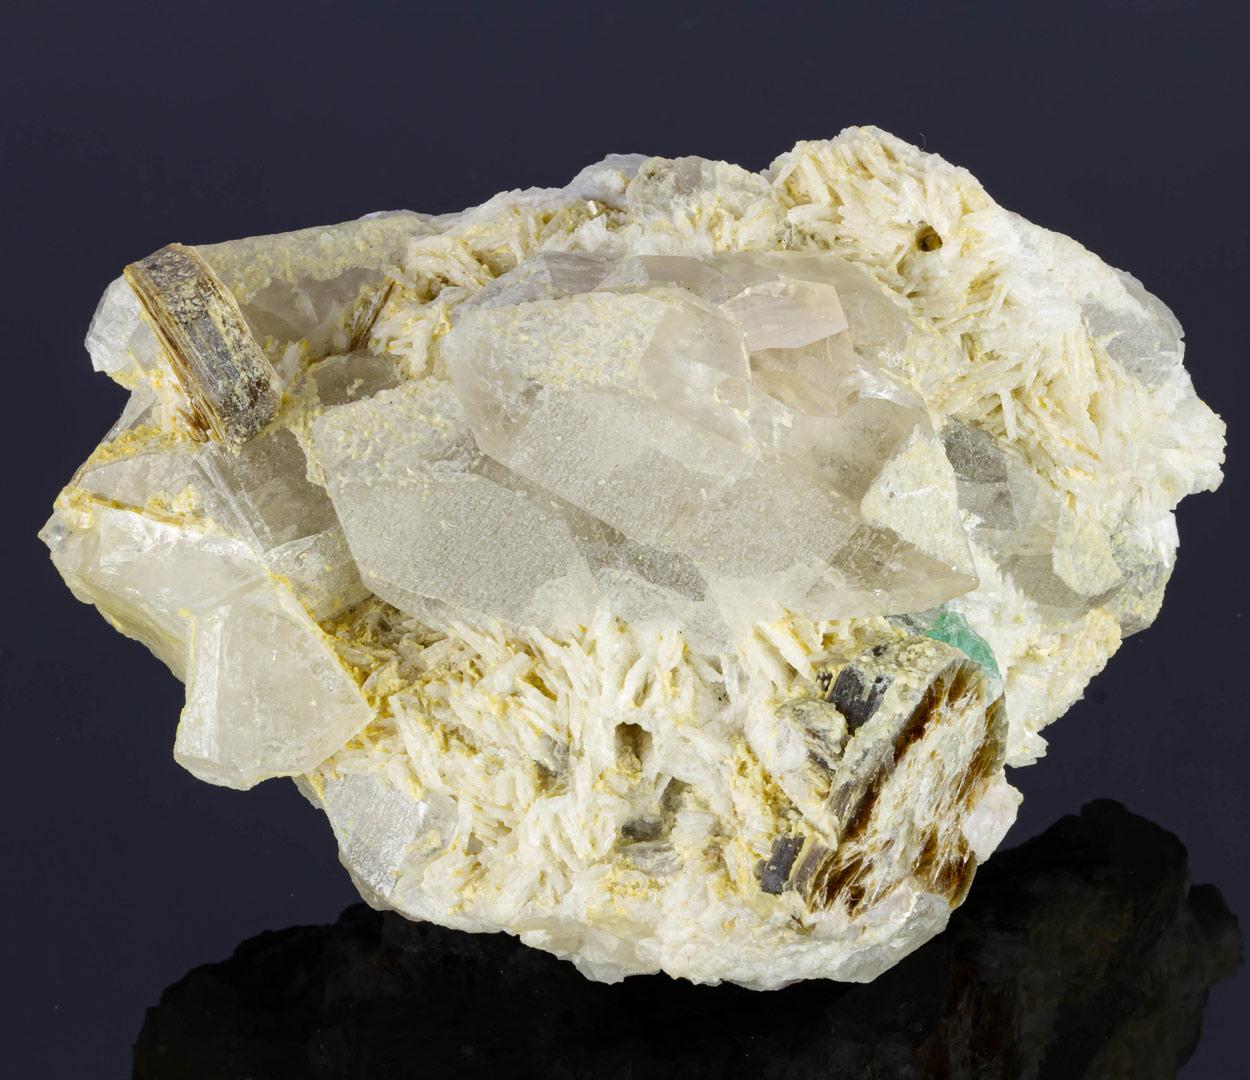 Topaz Quartz Cleavelandite & Muscovite